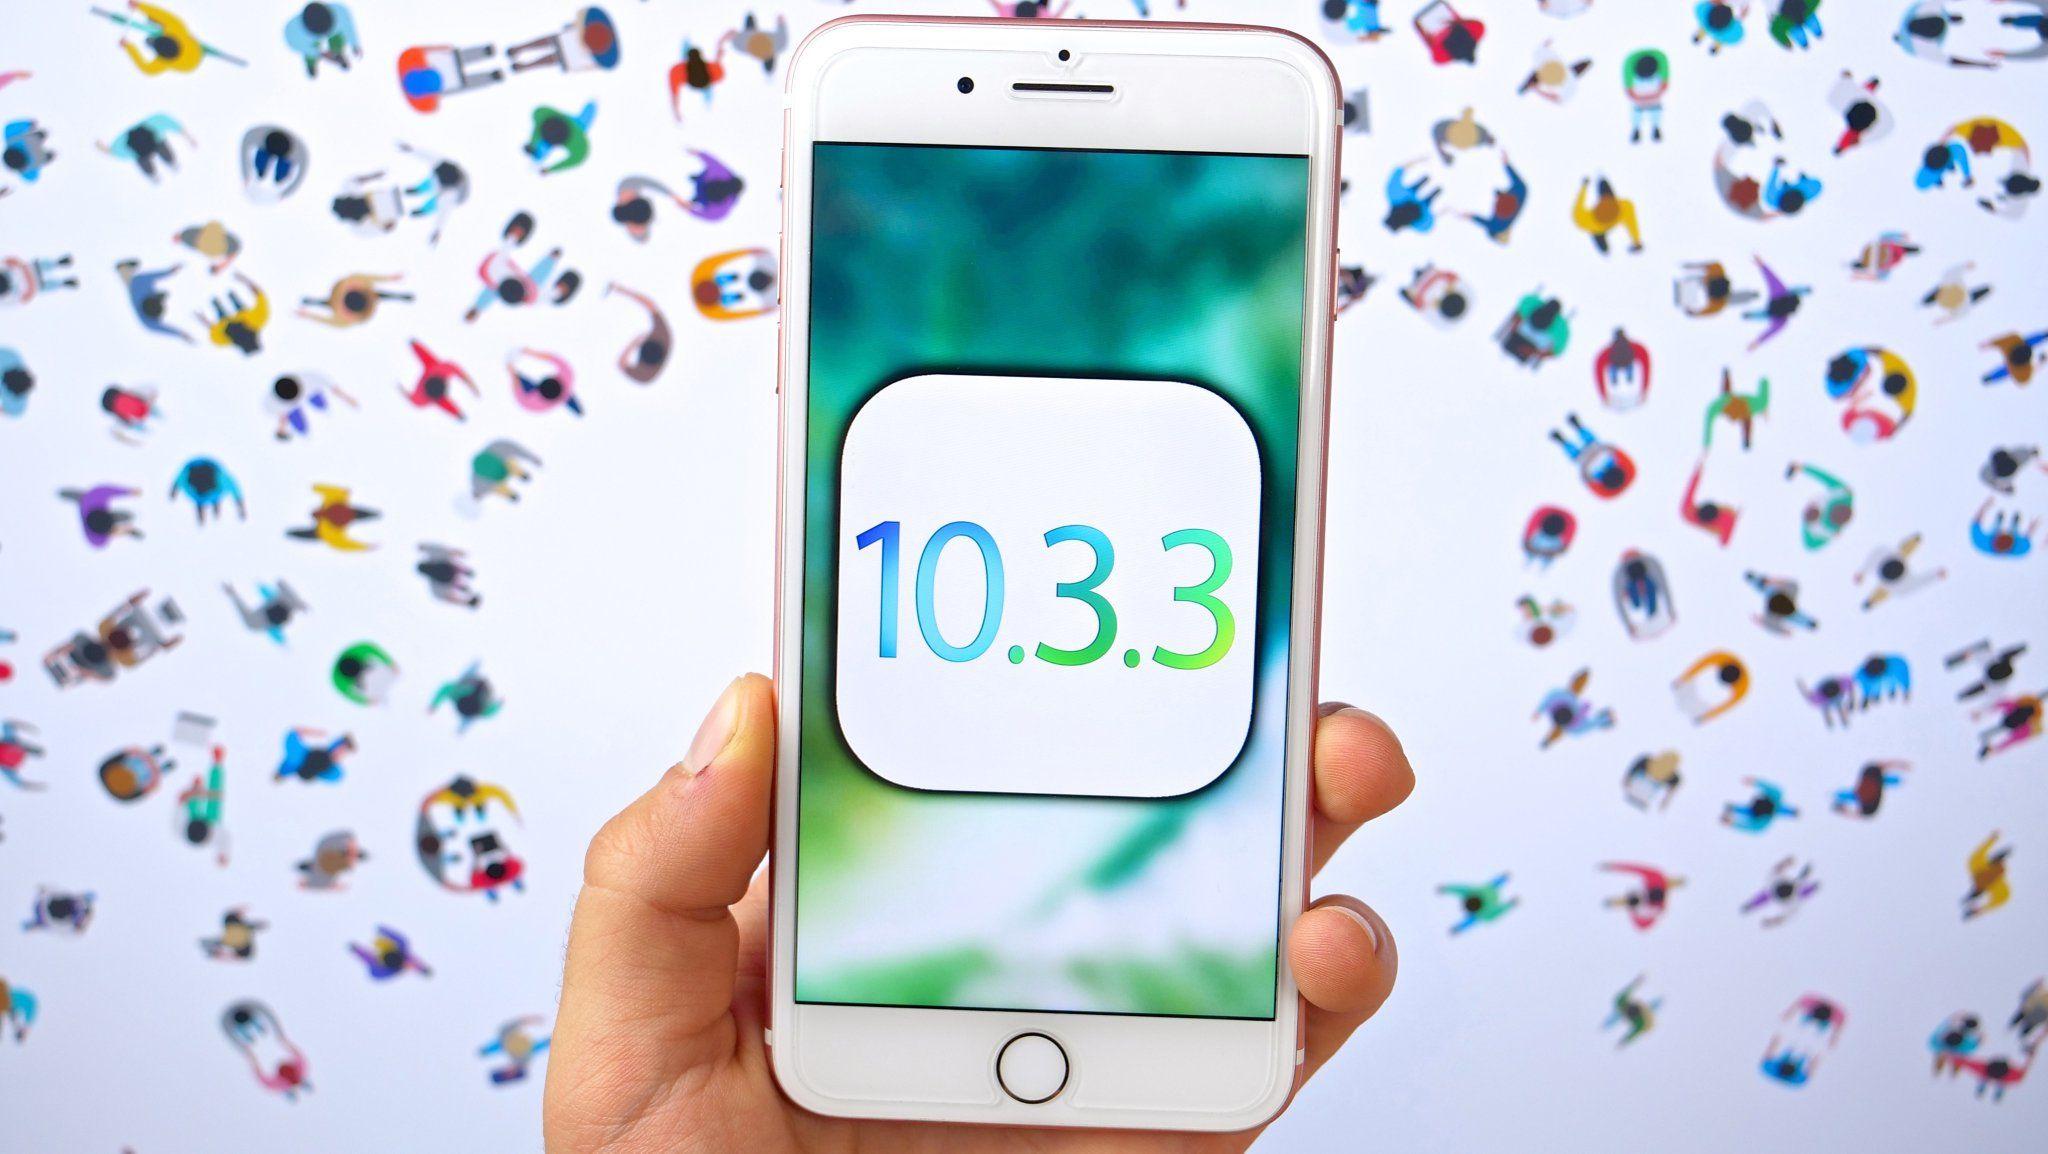 applepro iOS 10 3 3 Beta 1 & WWDC 2017 New Product Rumors Apple Products Fan ApplePr0ductFan